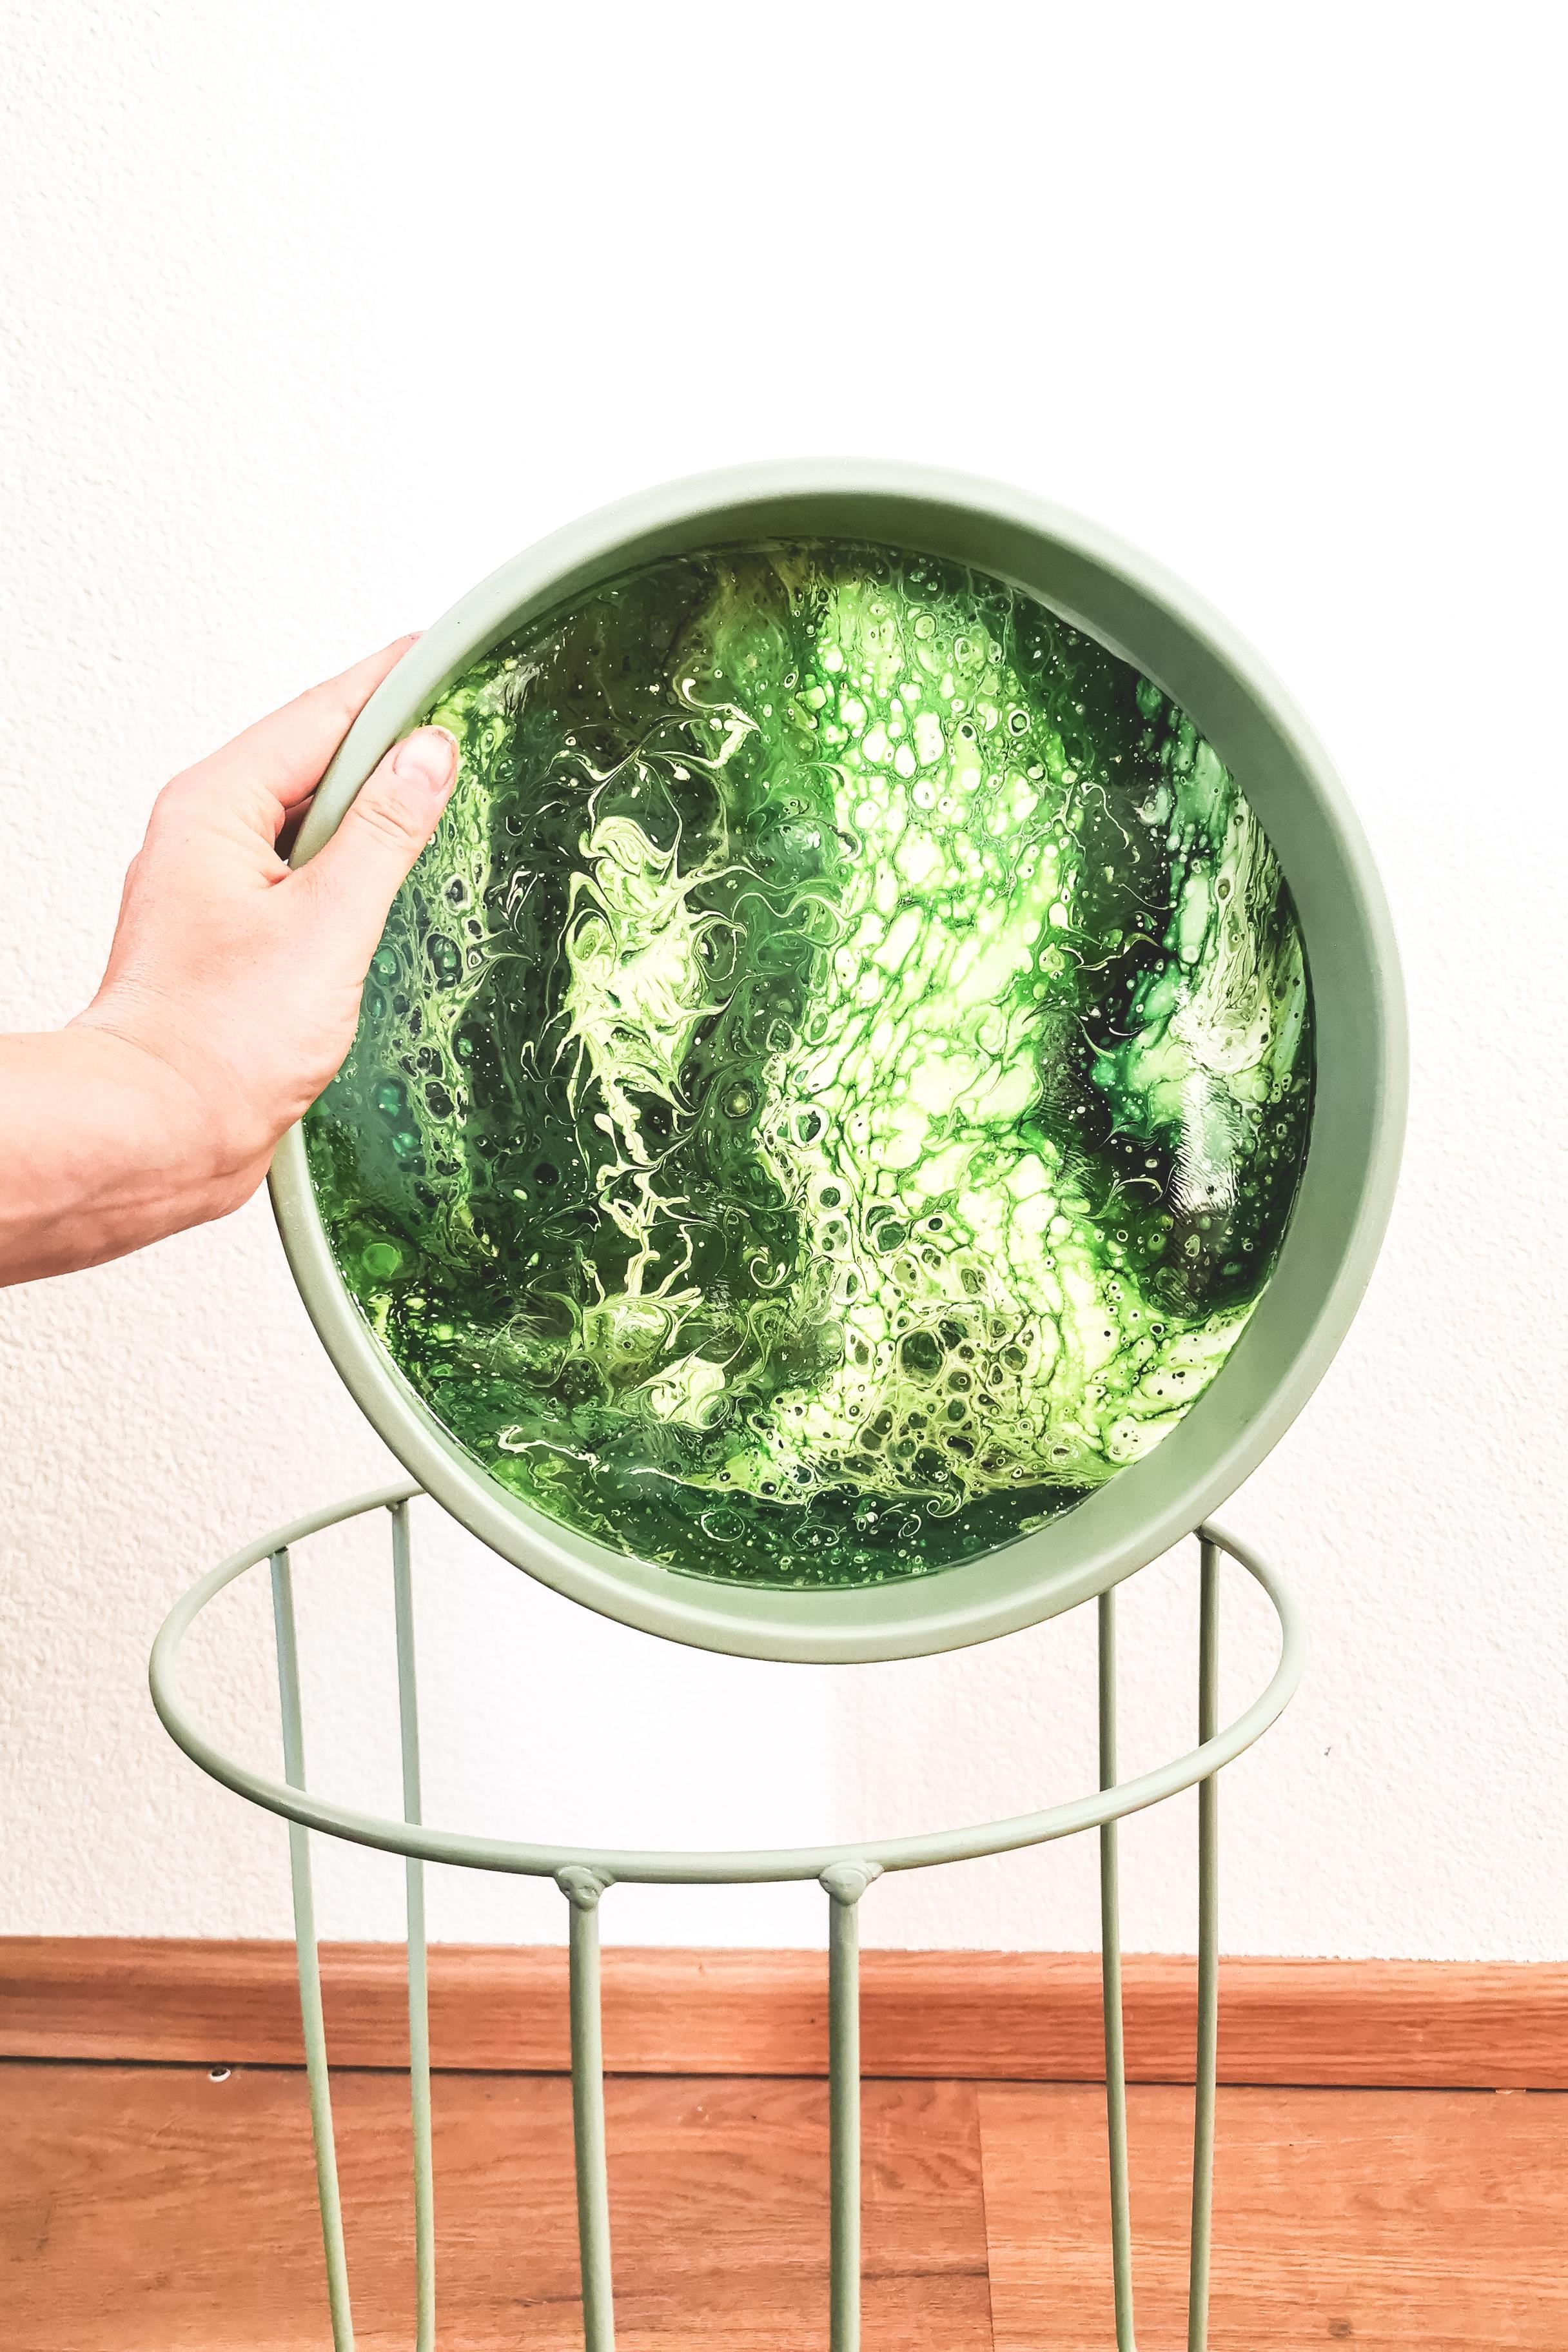 Bijzettafel groen gegoten abstract kunst epoxy